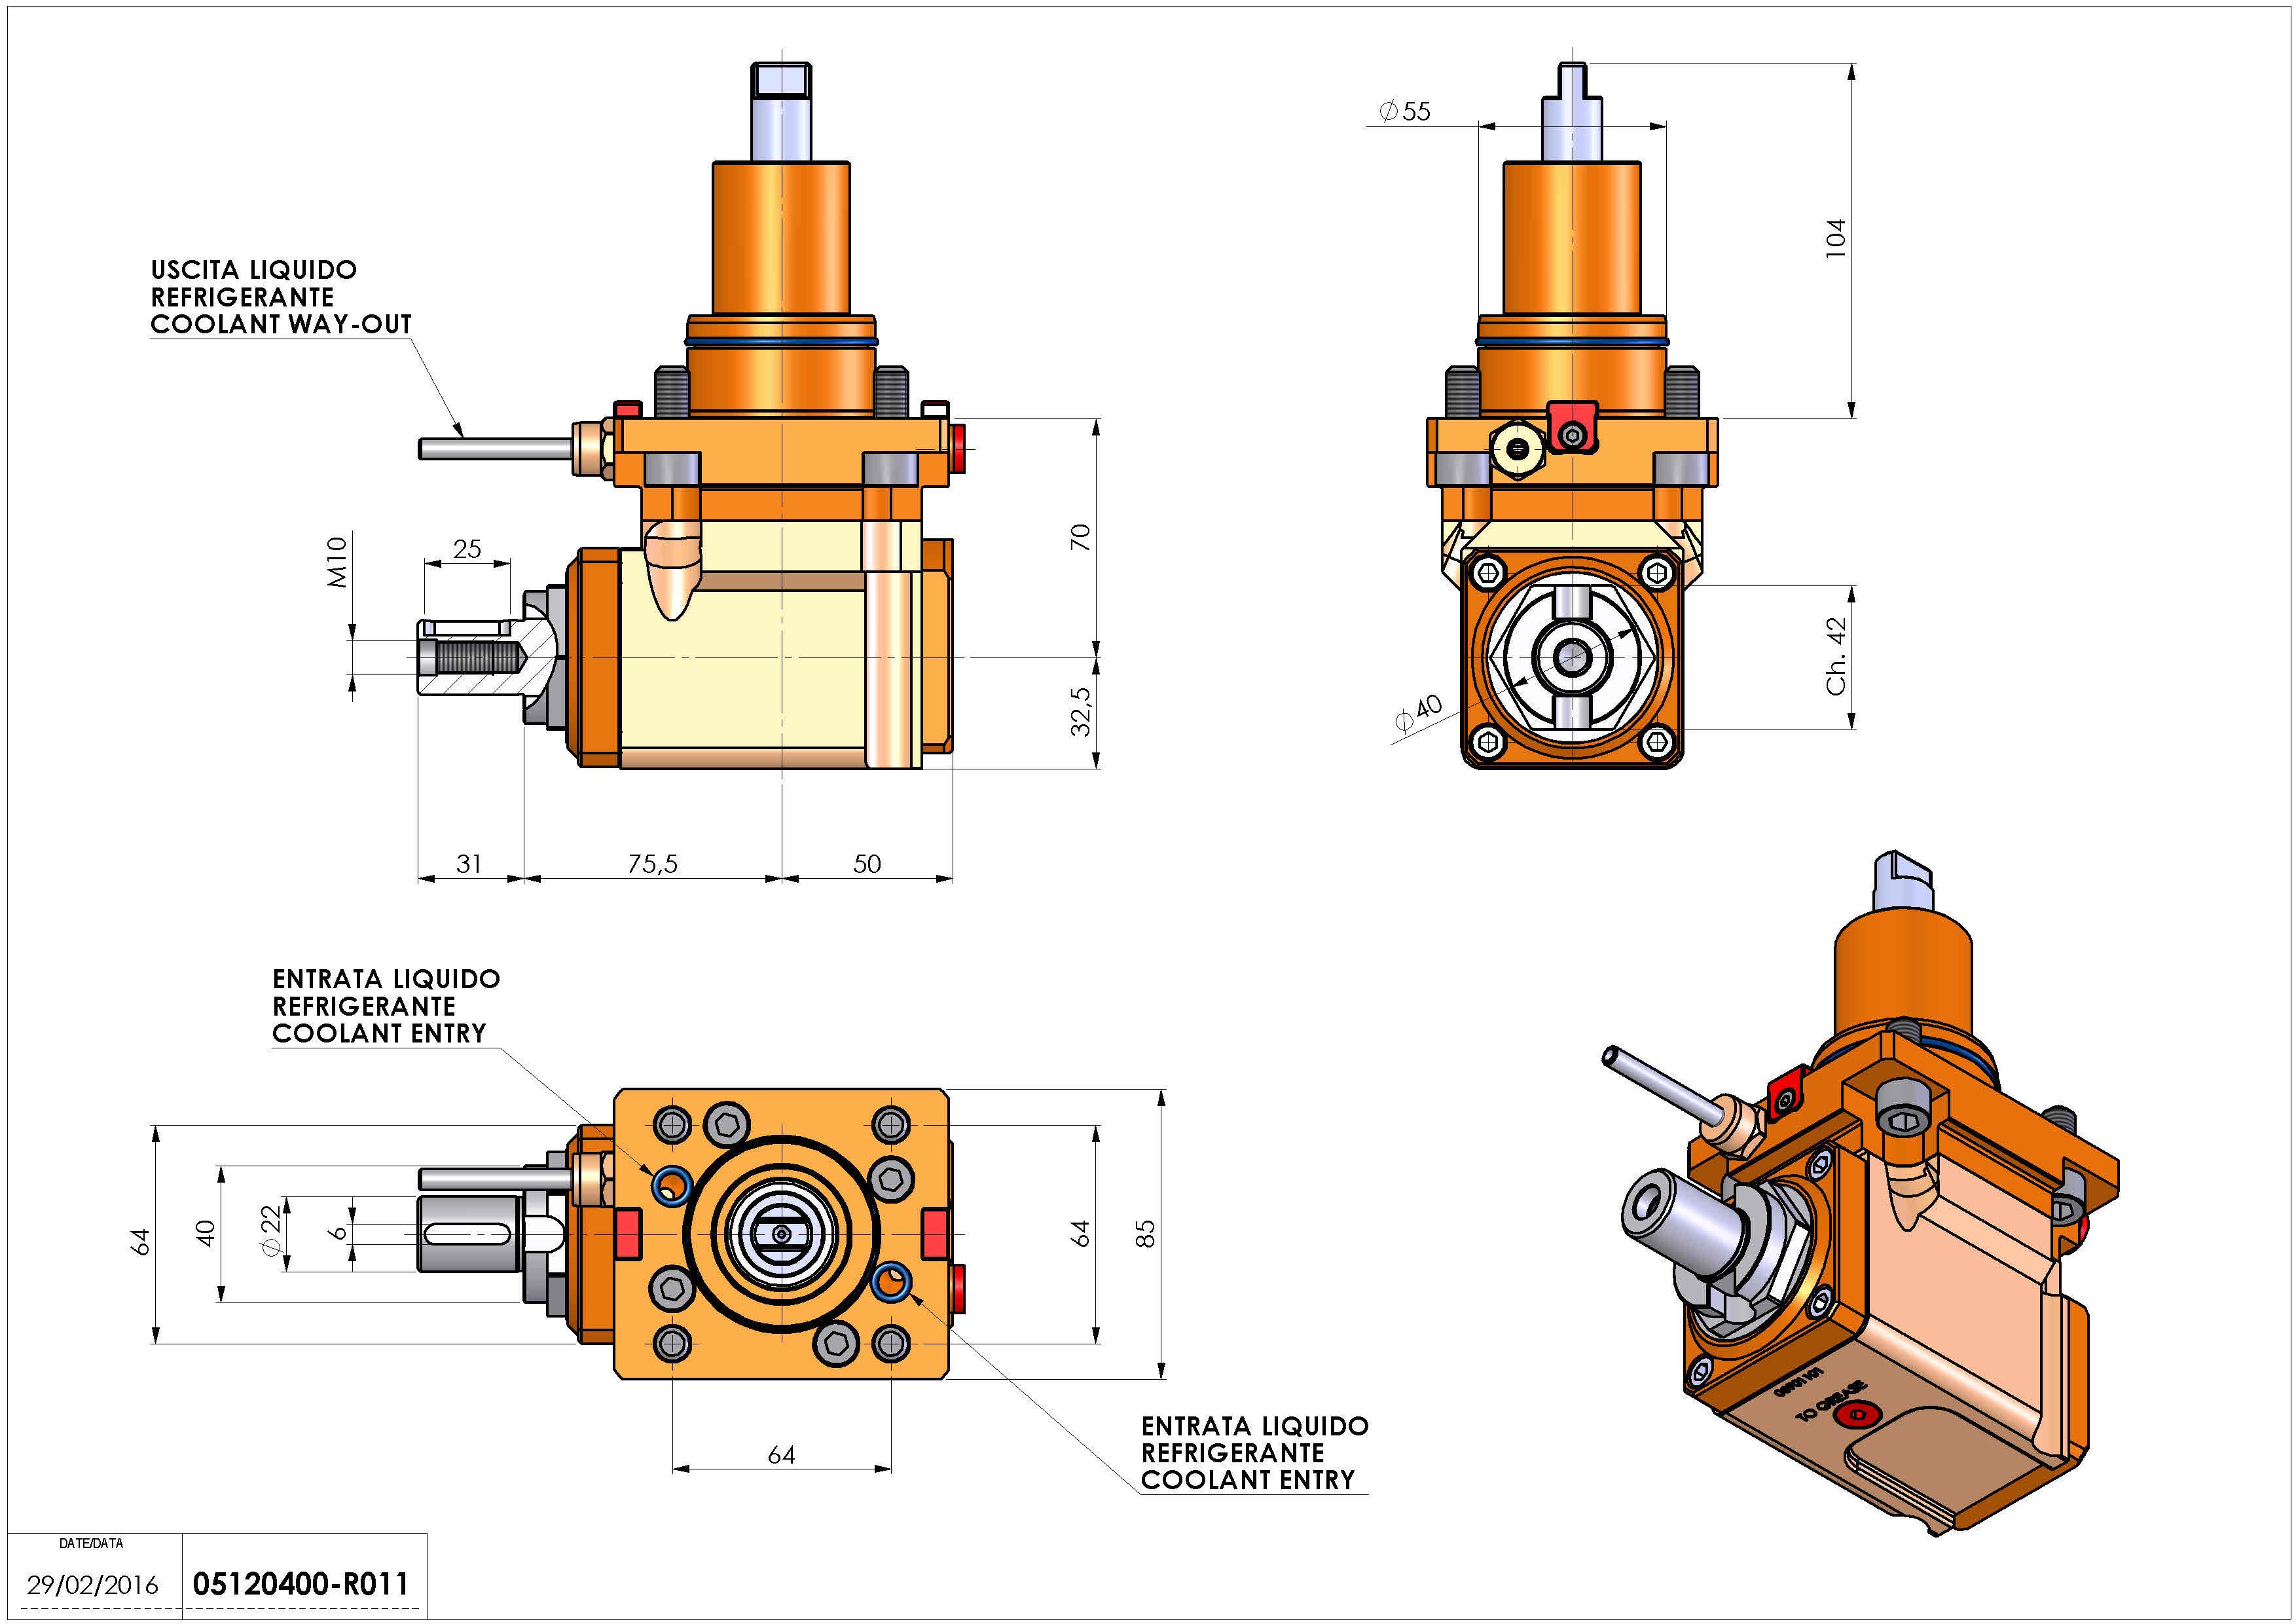 Technical image - LT-A BMT55 DIN138-22 H70 DW.